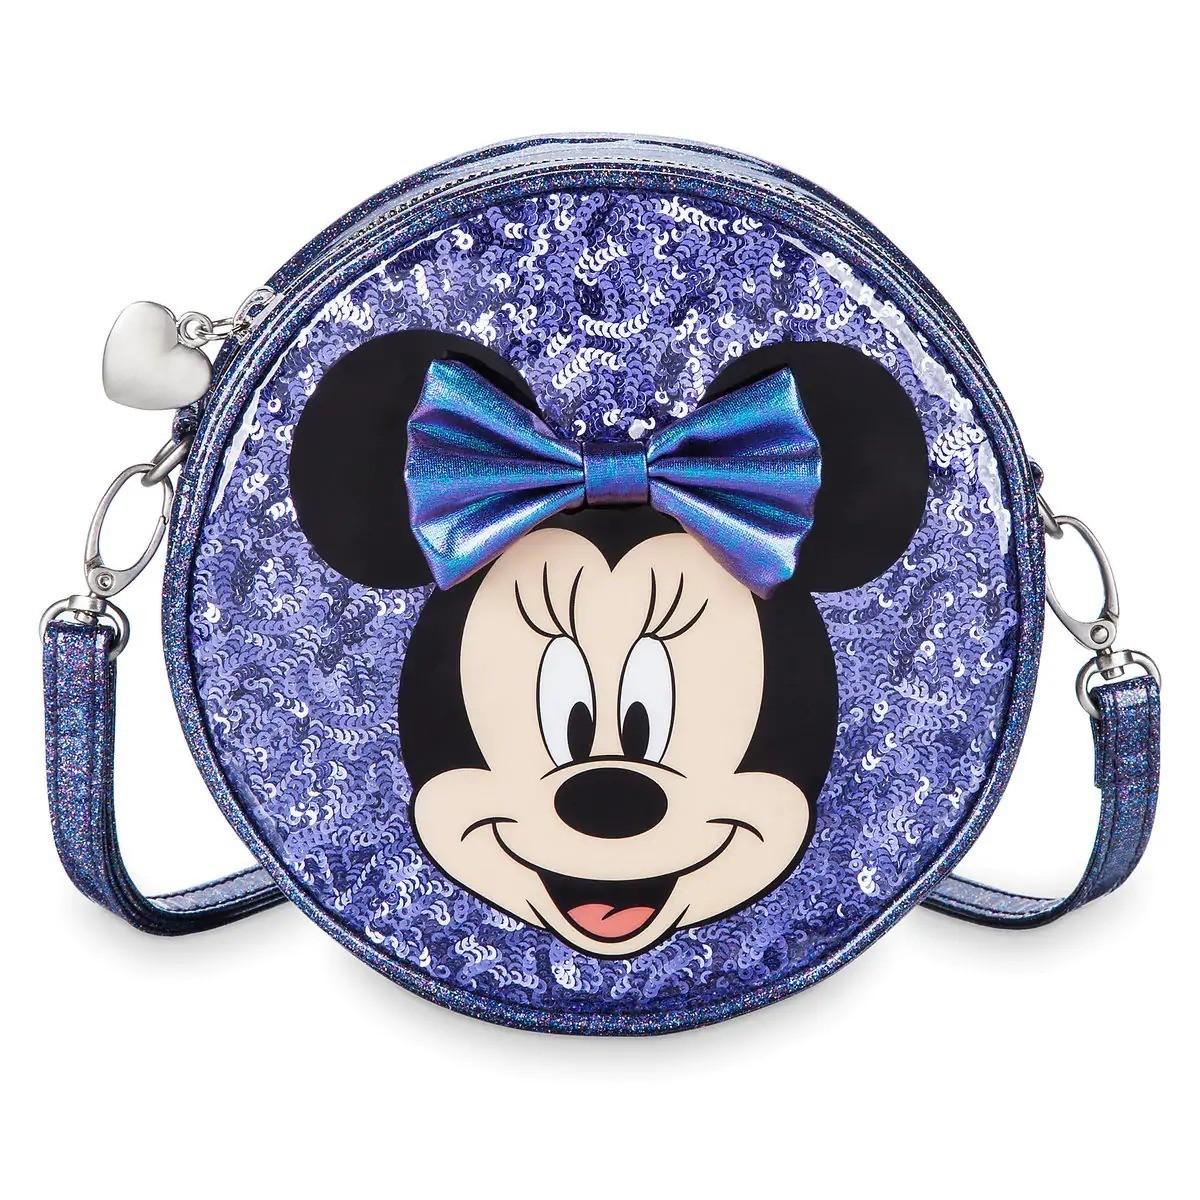 Bolsa Minnie Mouse Azul A00